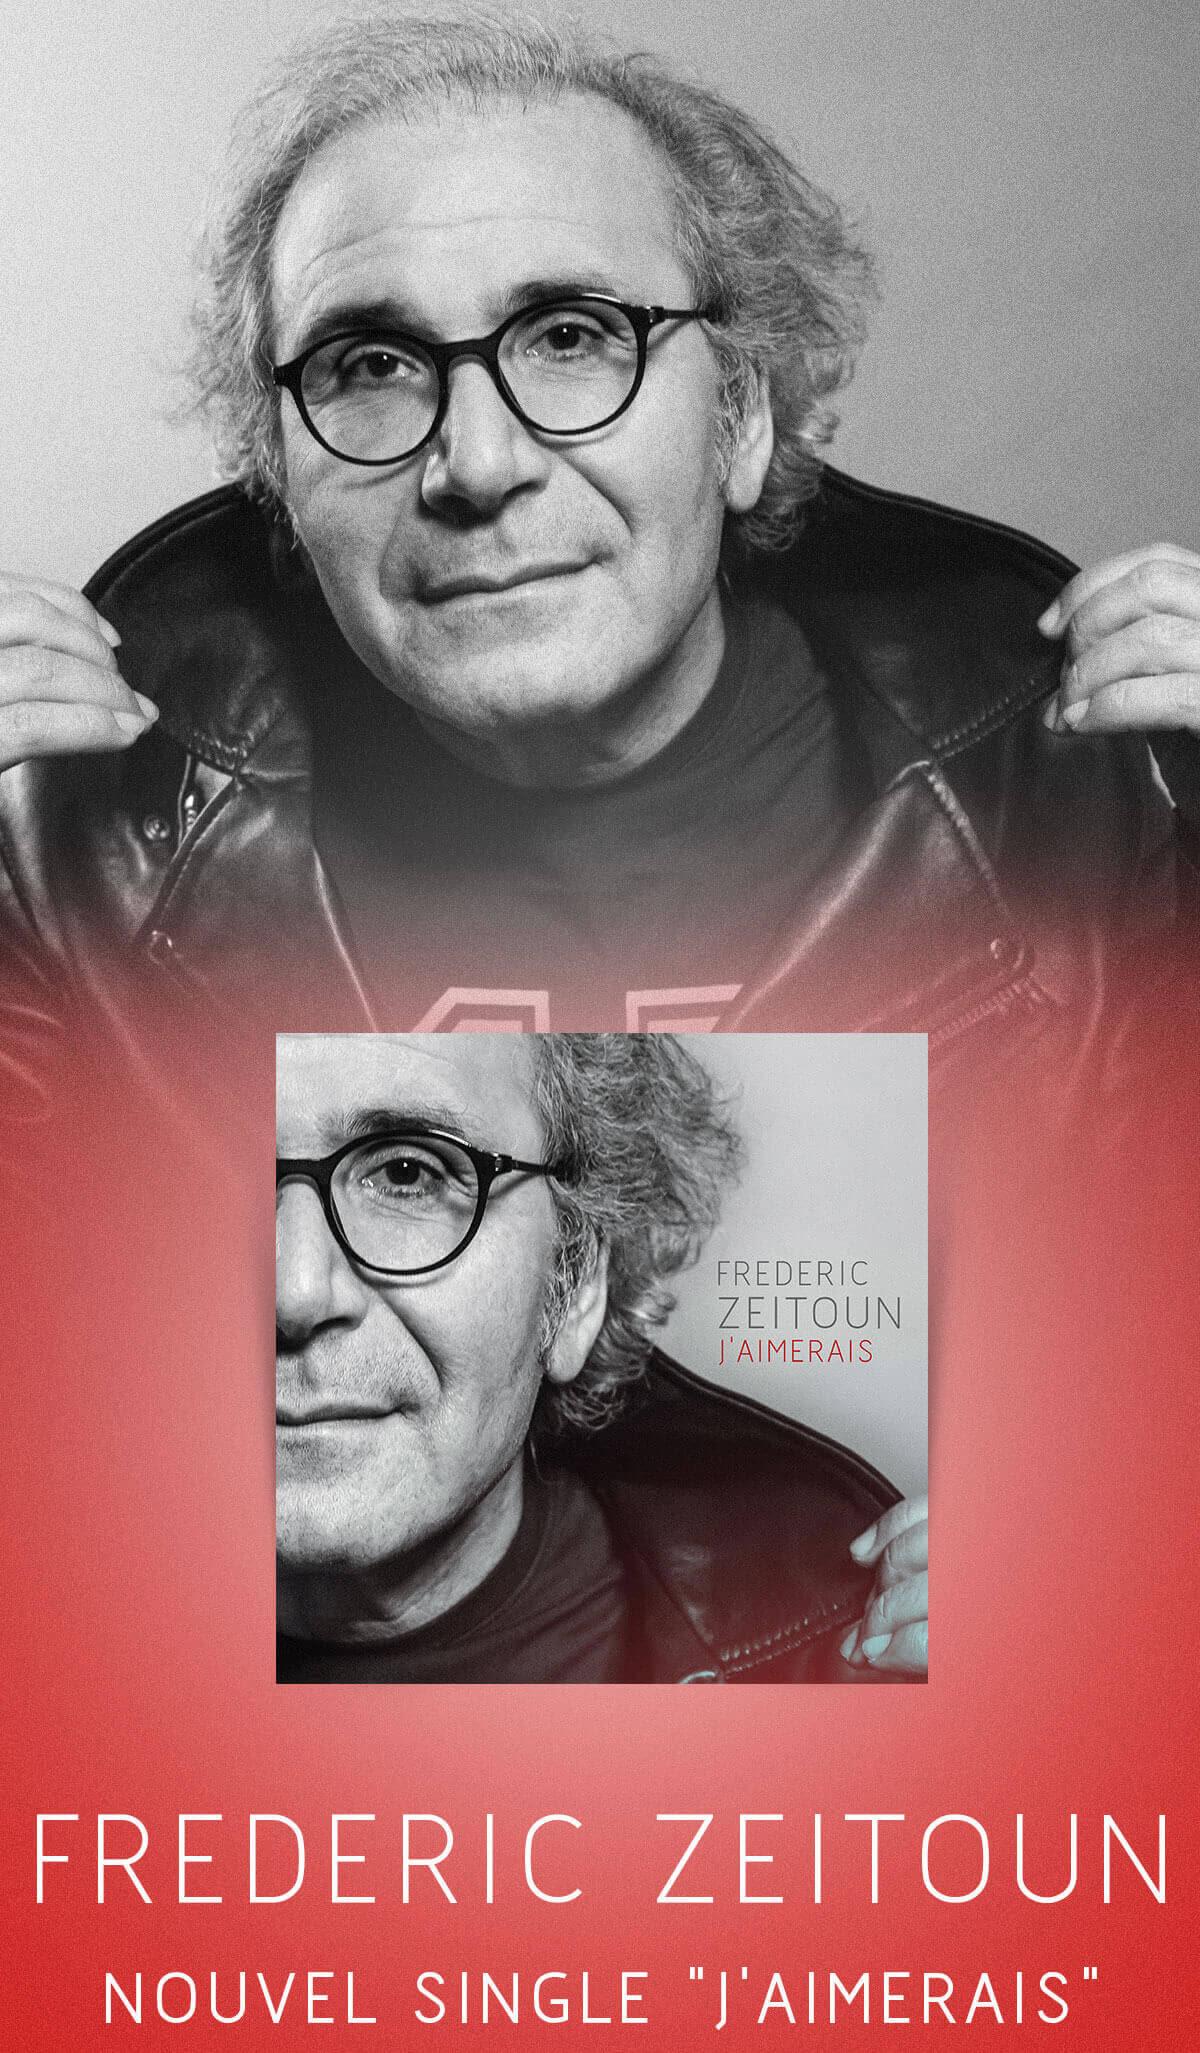 Cliquer pour écouter le nouveau single de Frédéric Zeitoun, J'aimerais